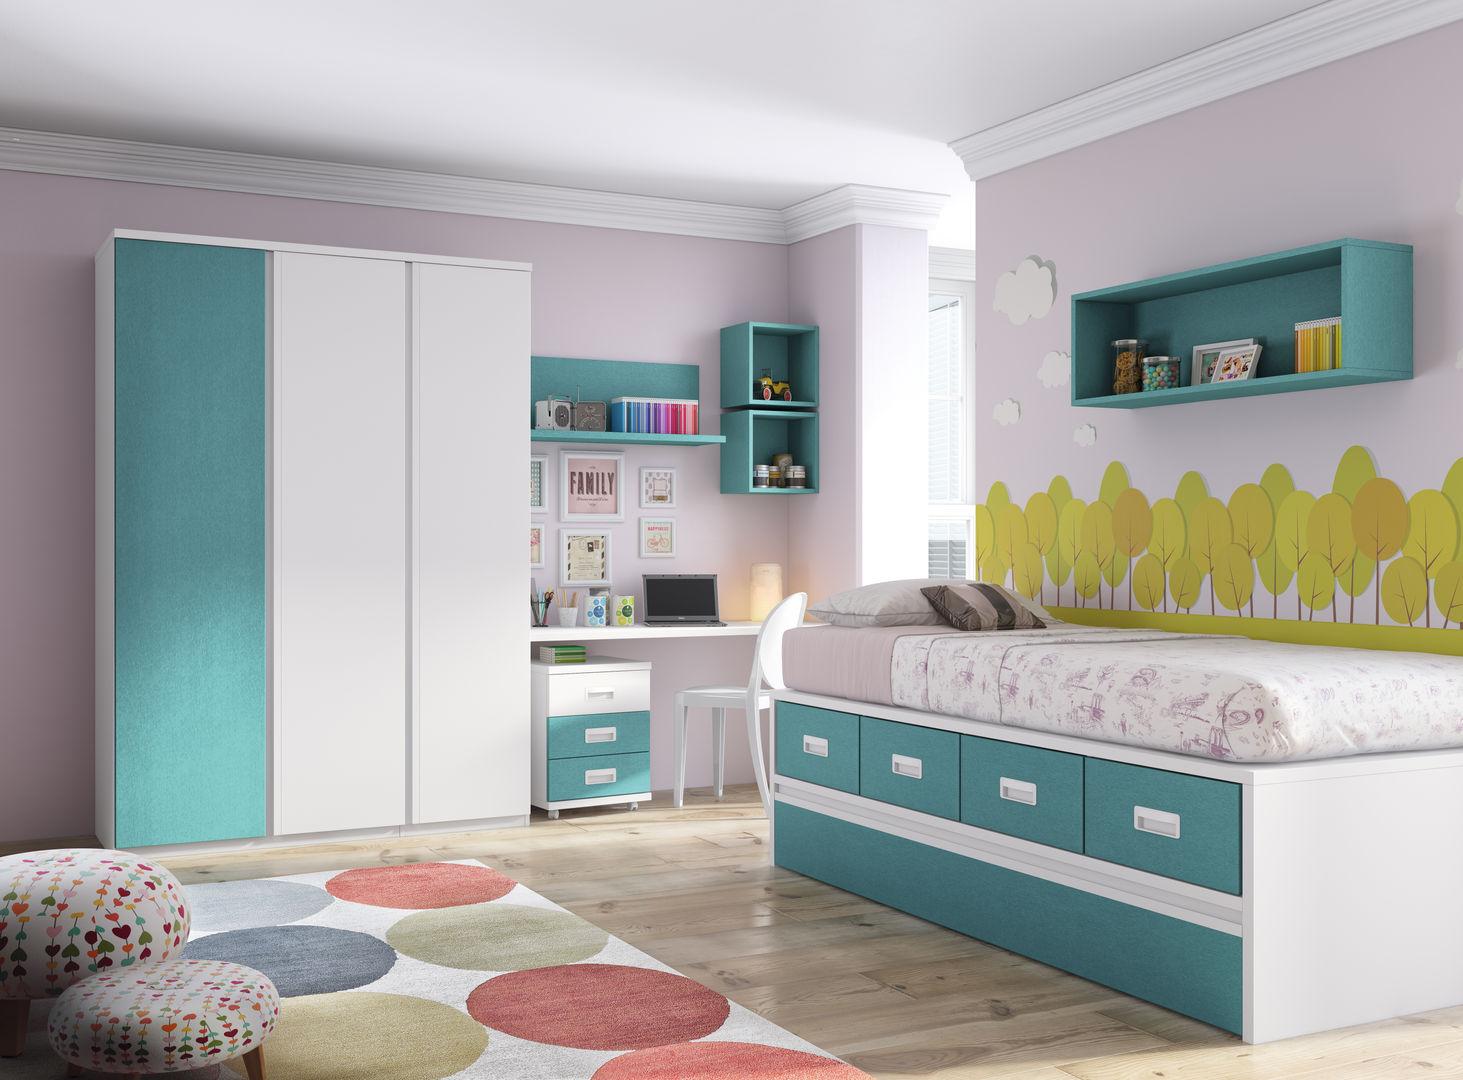 Dormitorios infantiles Ideas diseos y decoracin homify